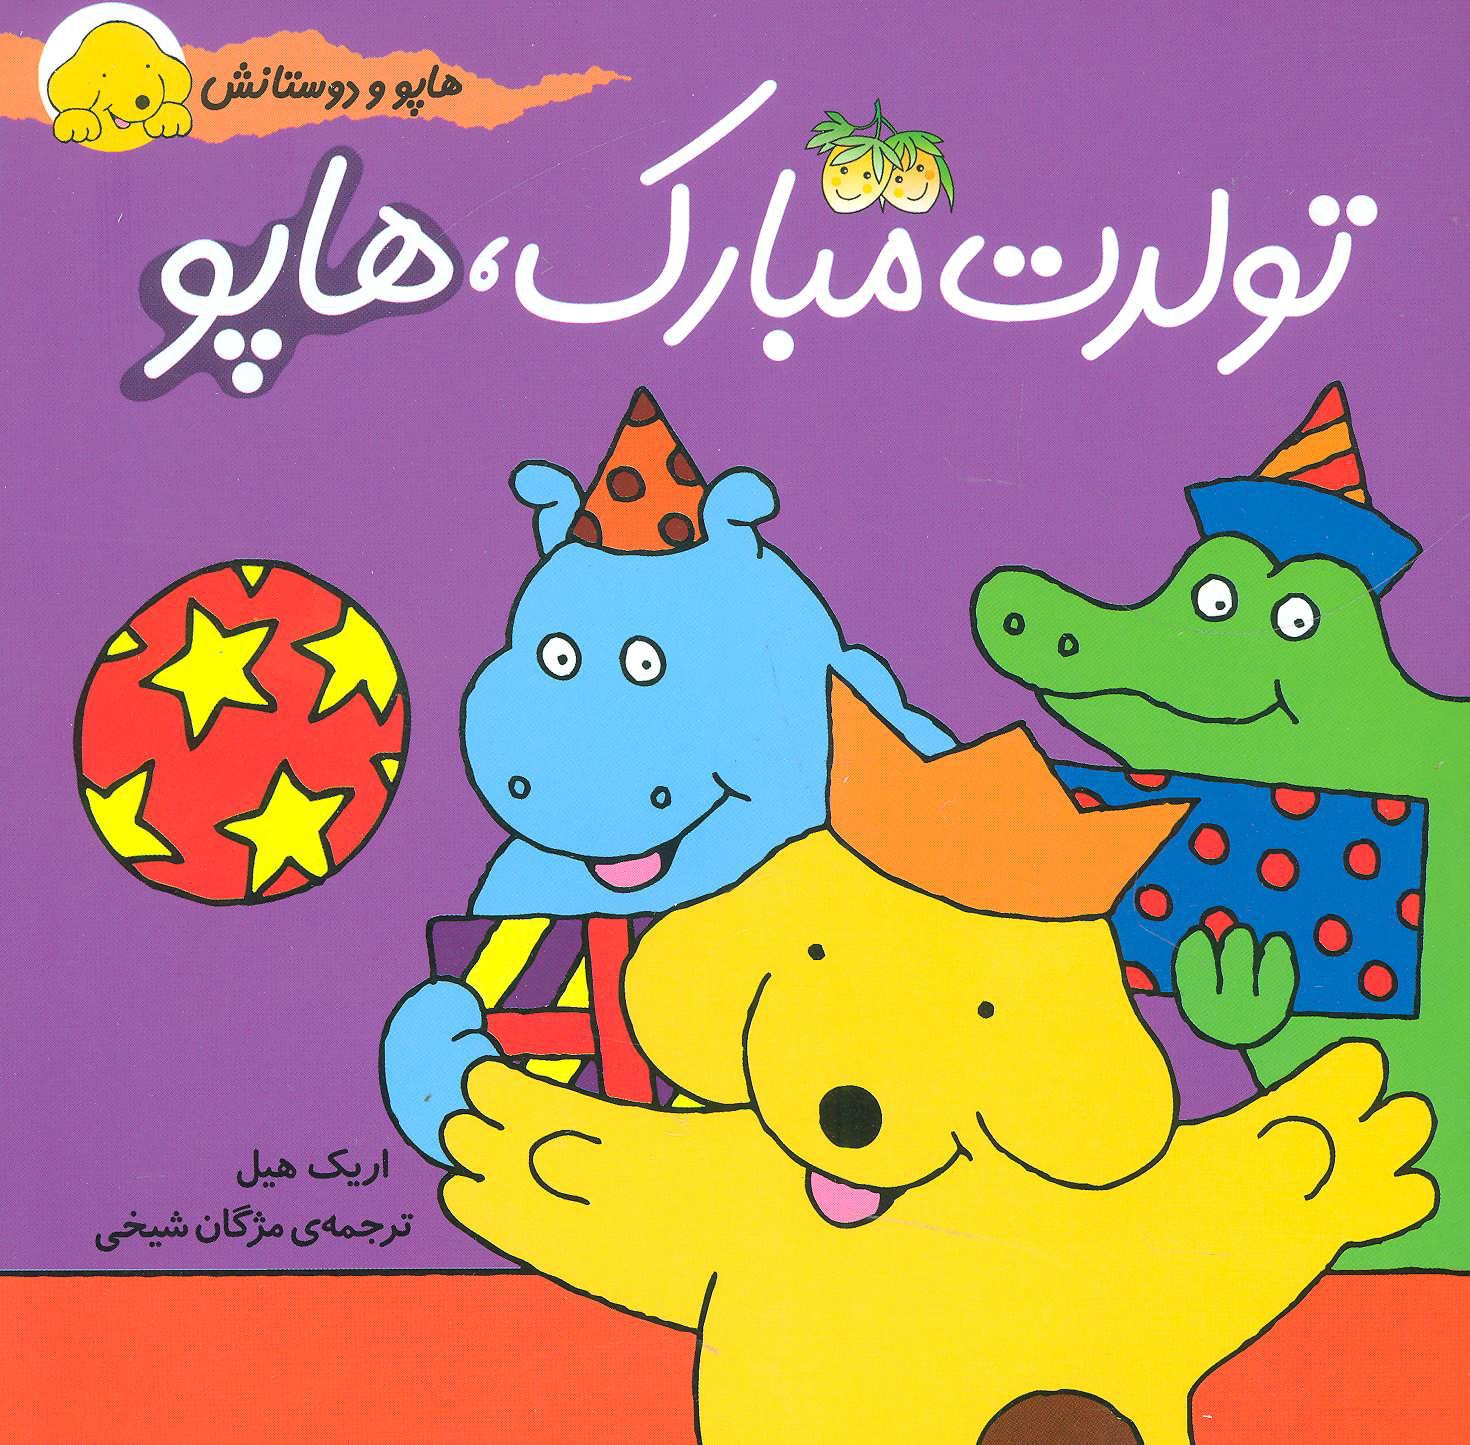 کتاب تولدت مبارک، هاپو